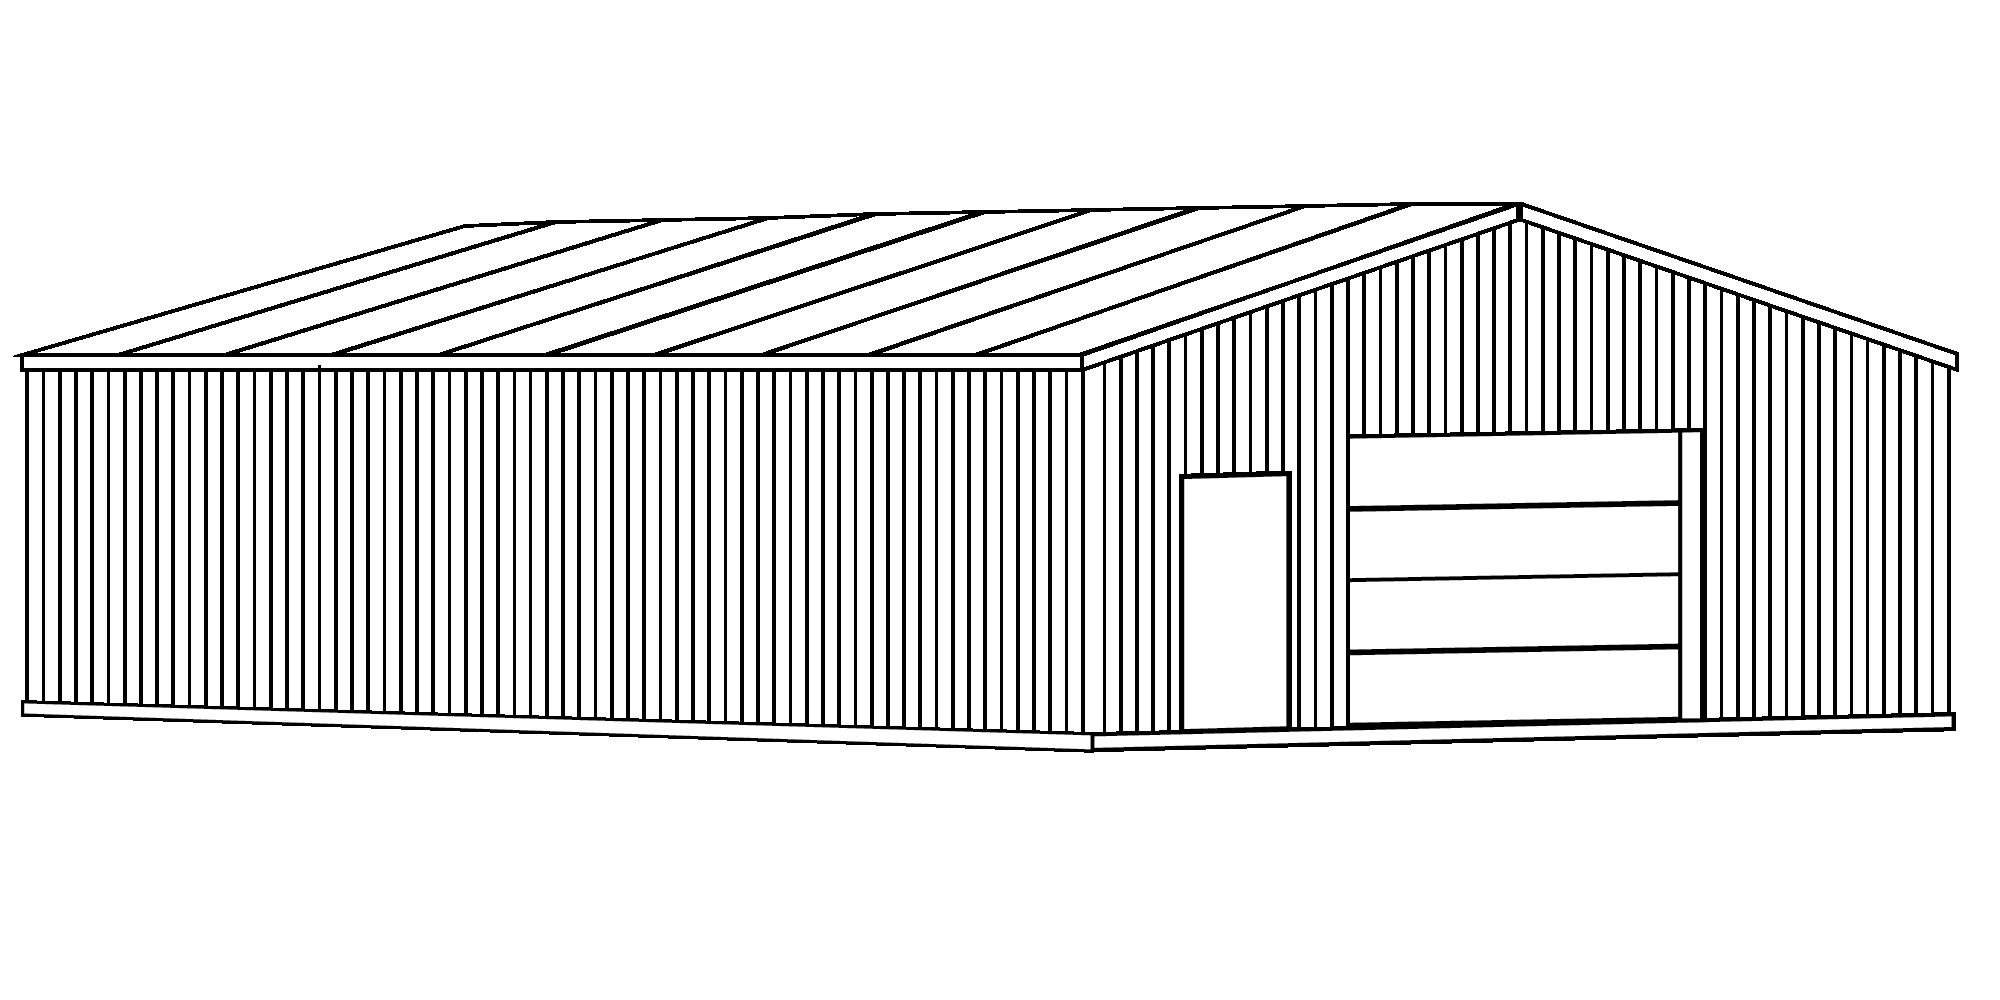 Diagram of a metal barn